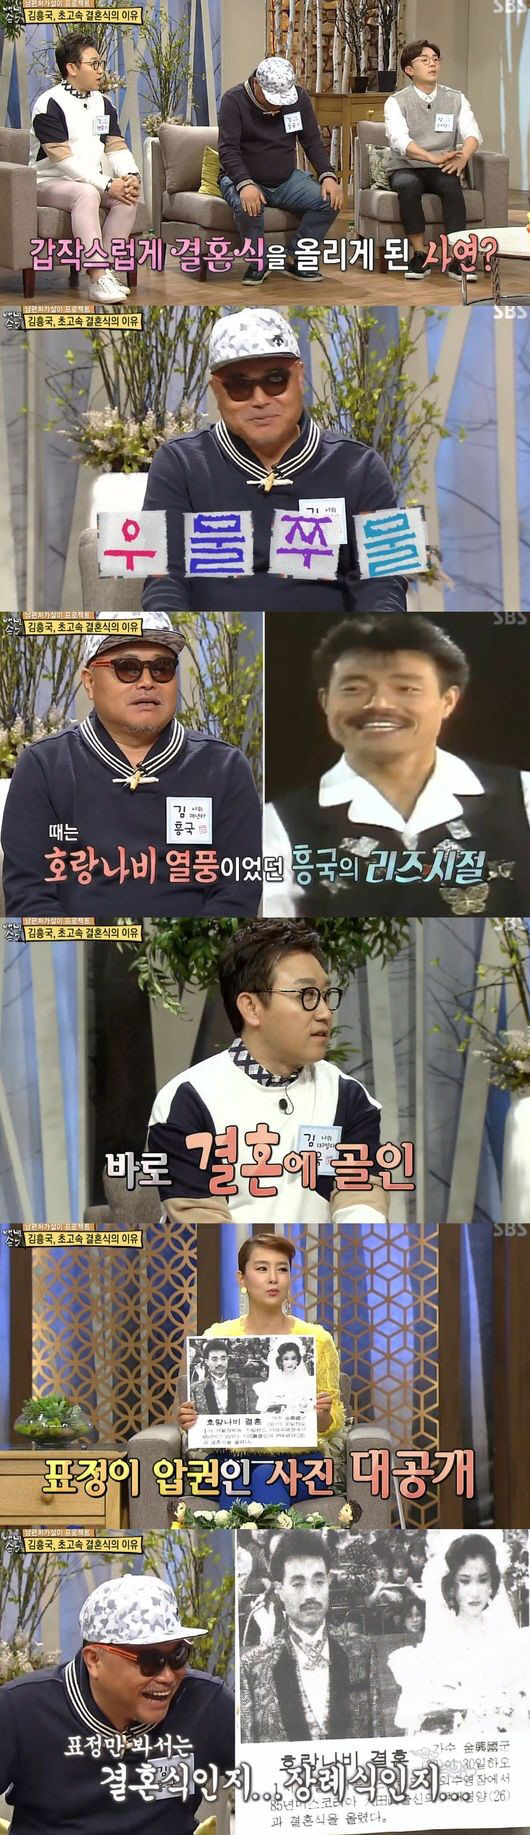 """'백년손님' 김흥국 """"초고속 결혼? 동거하다 기자에게 걸려서.."""""""